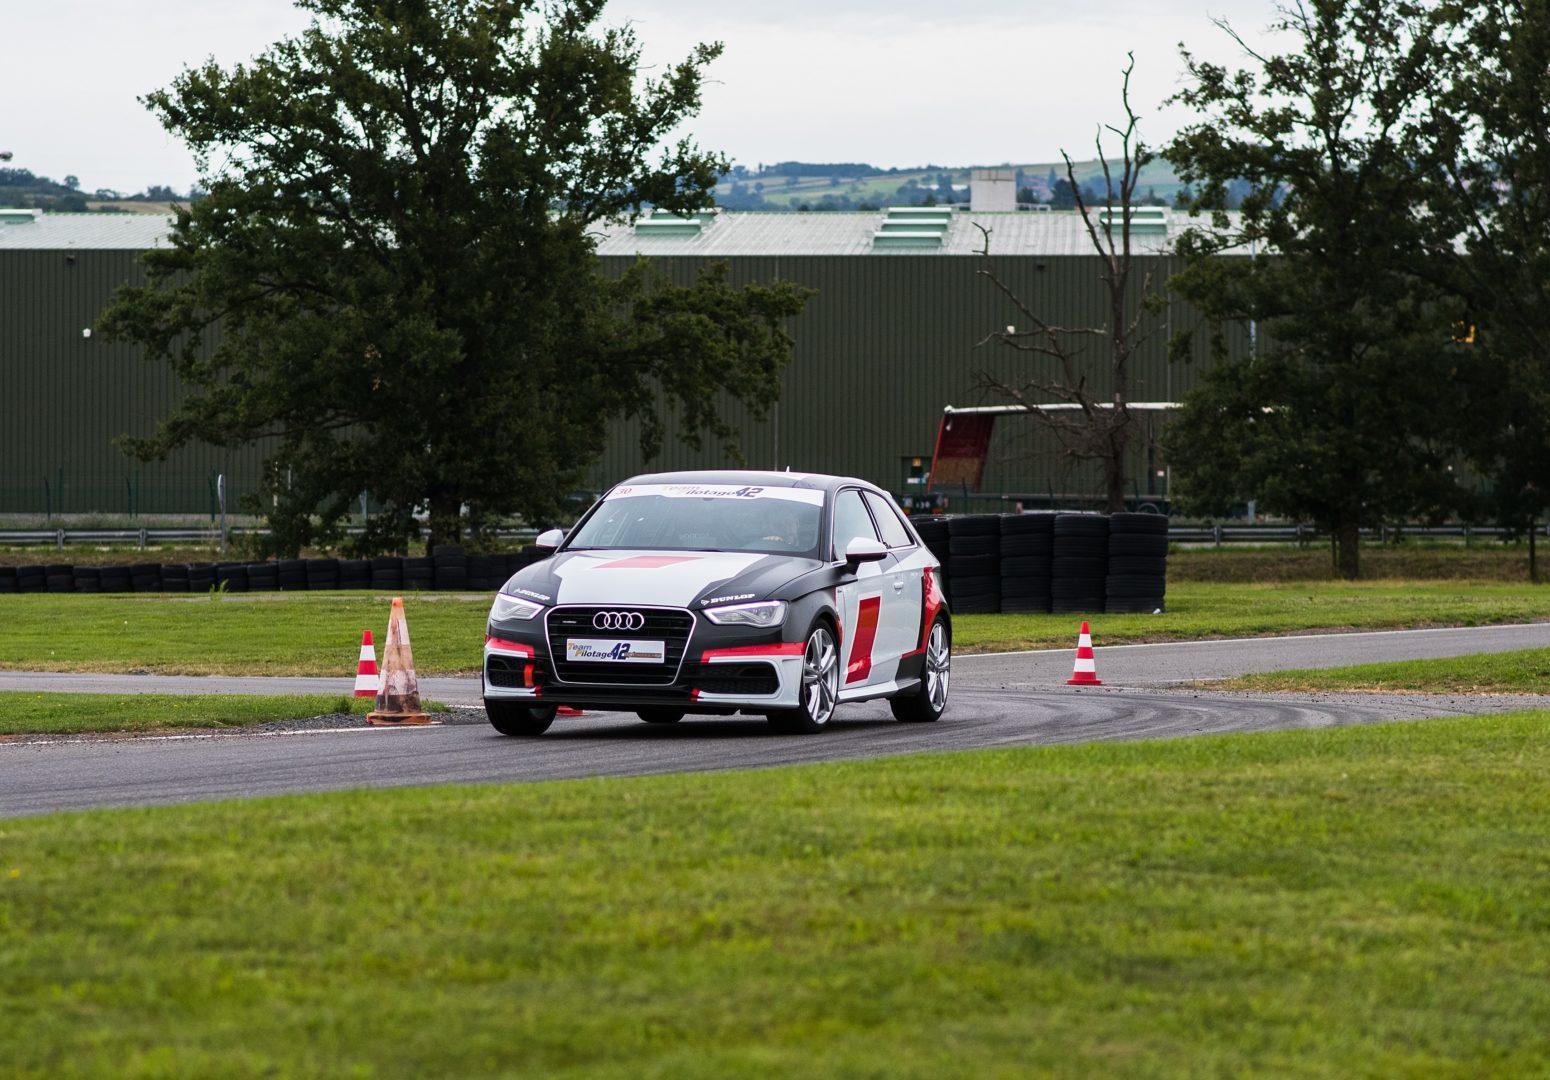 Audi A3 sur circuit avant 2